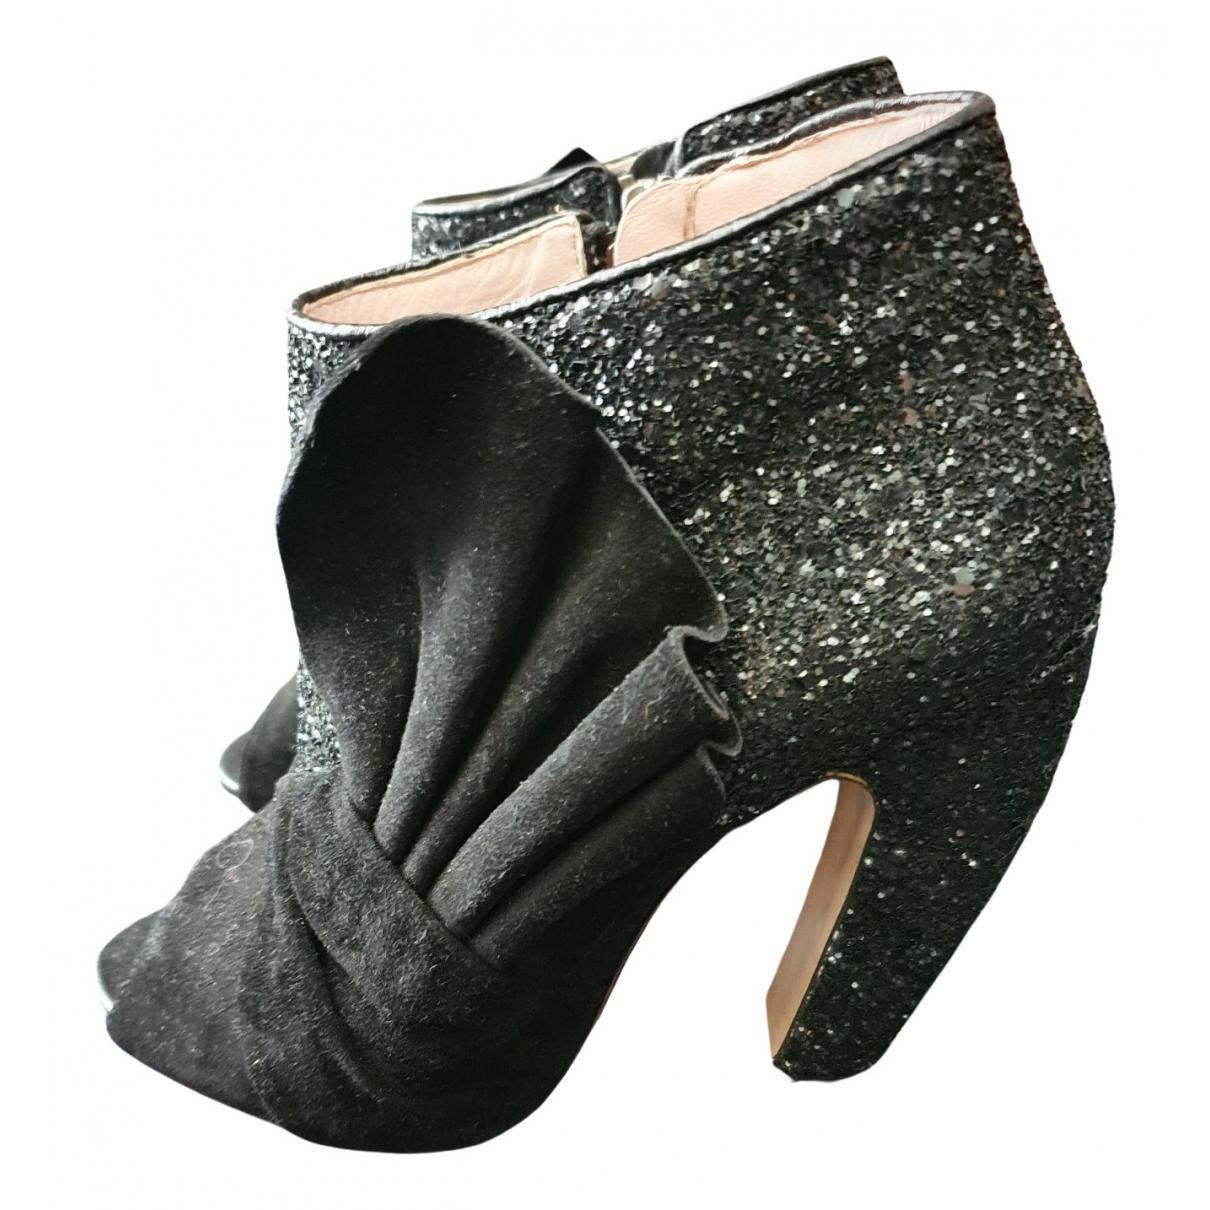 Miu Miu - Boots   pour femme en a paillettes - noir